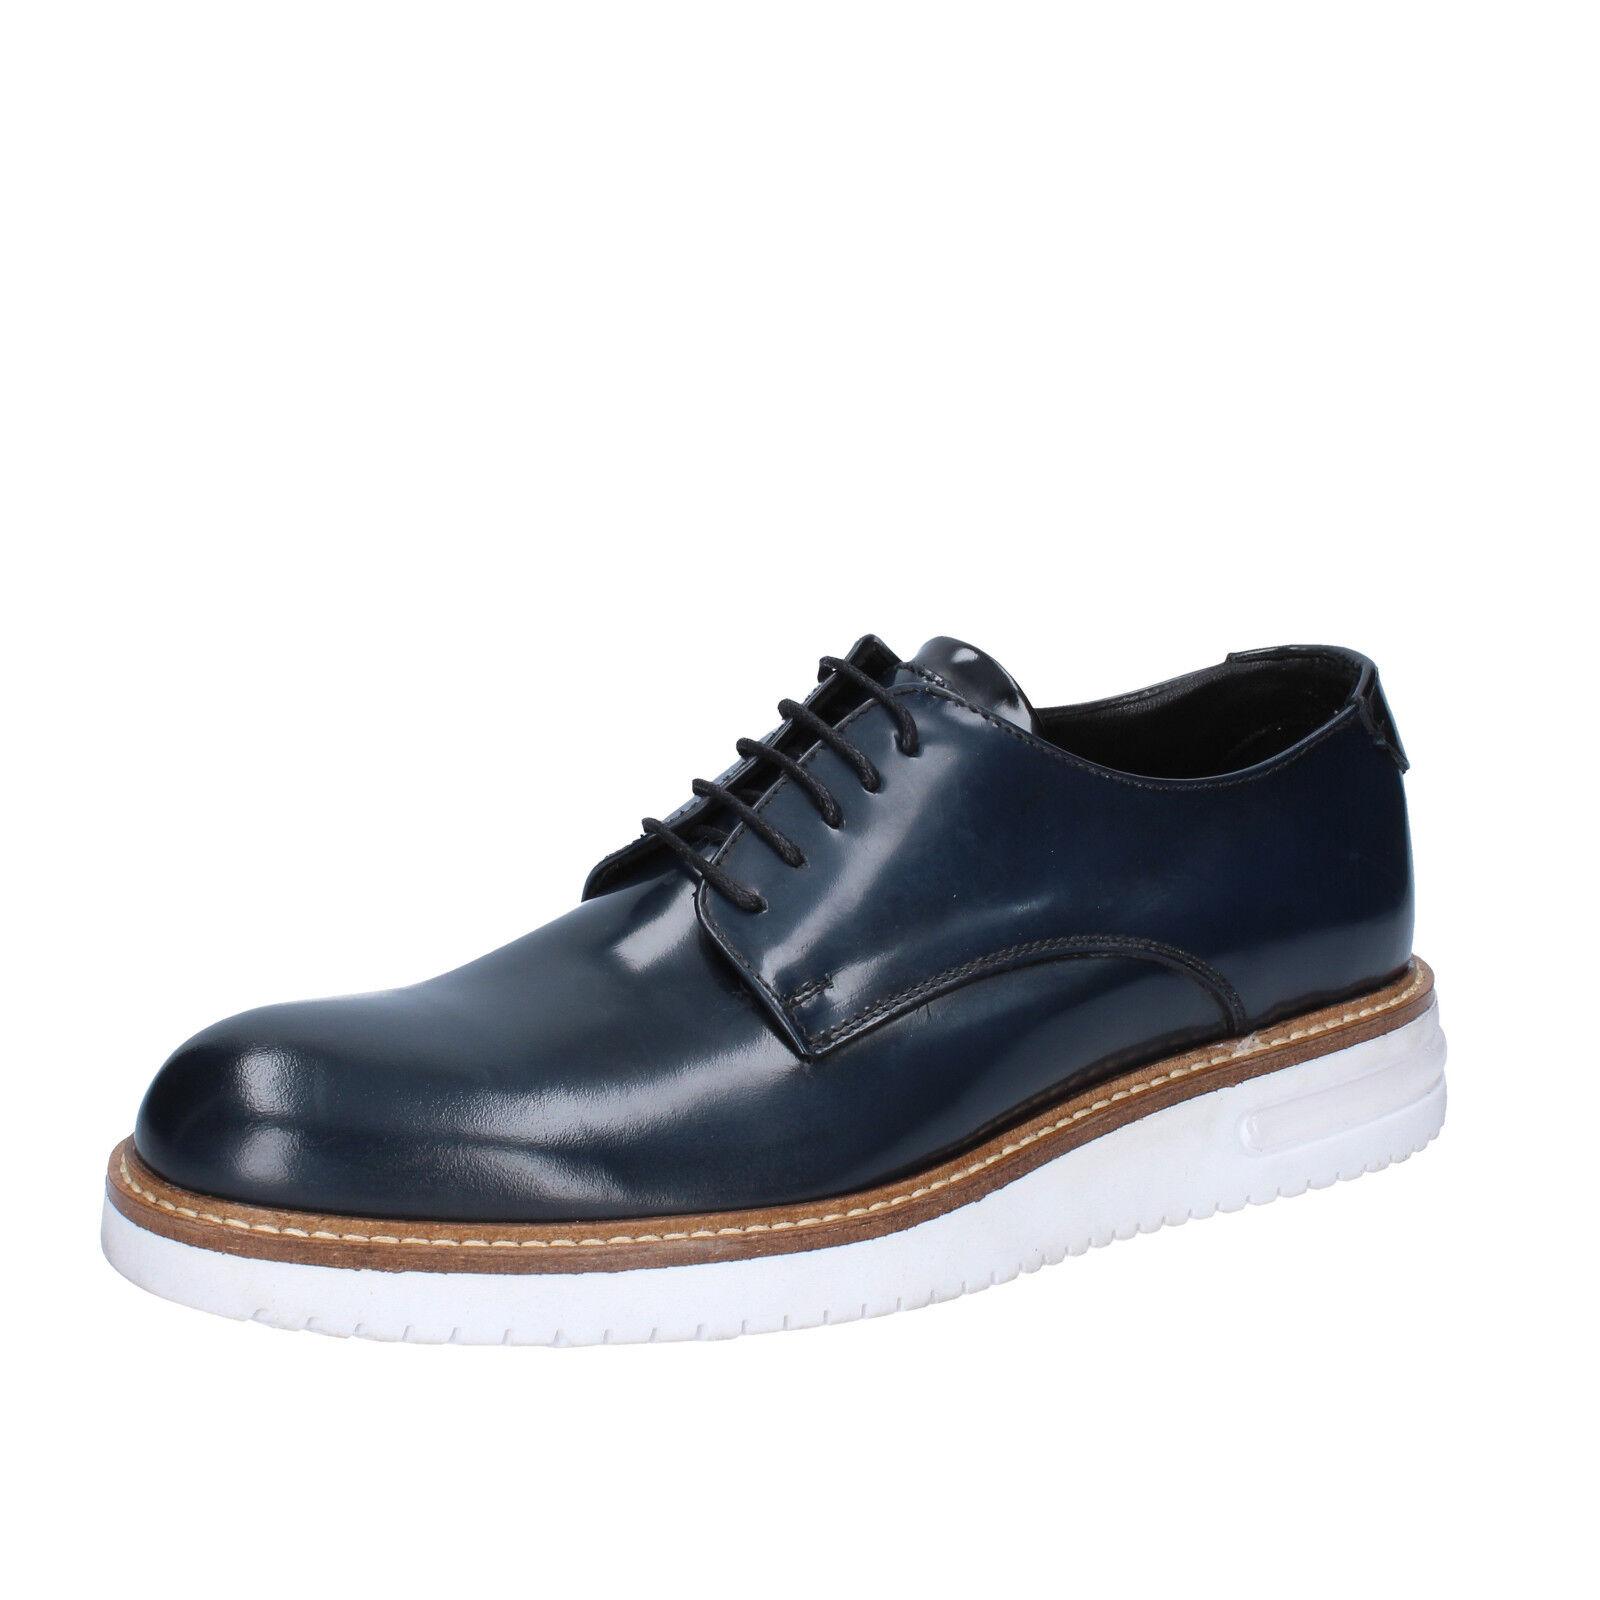 Scarpe uomo FDF shoes 39 UE BLU ELEGANTE bz346-b PELLE LUCIDA bz346-b ELEGANTE ecae03